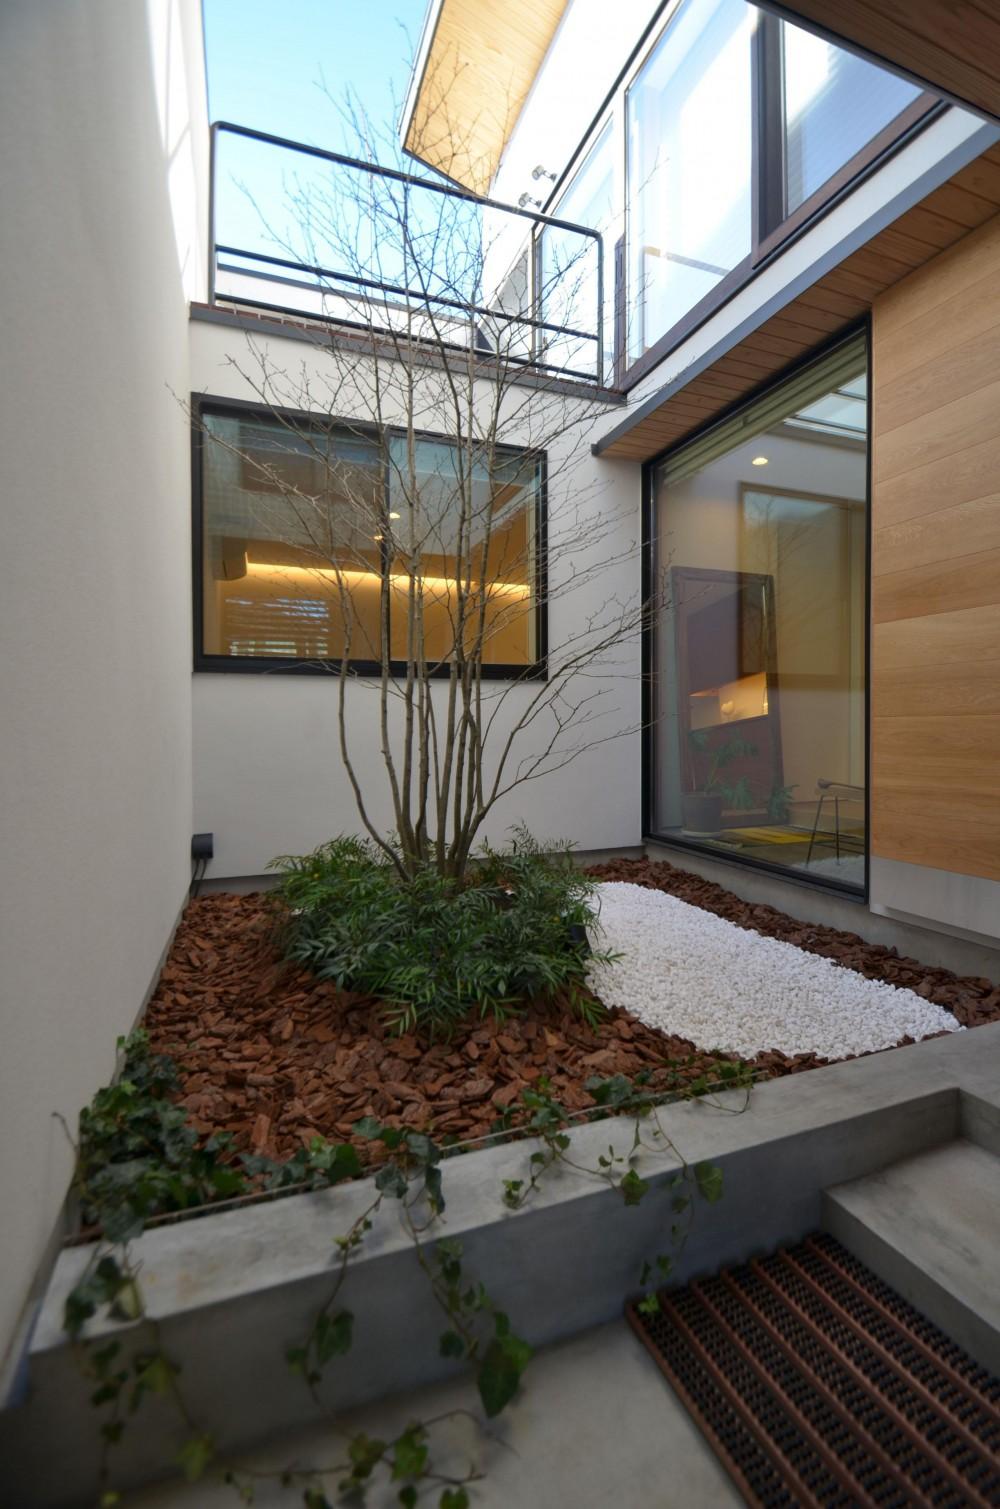 桃井M邸-中庭を中心としたコの字配置の立体コートハウス- (中庭)